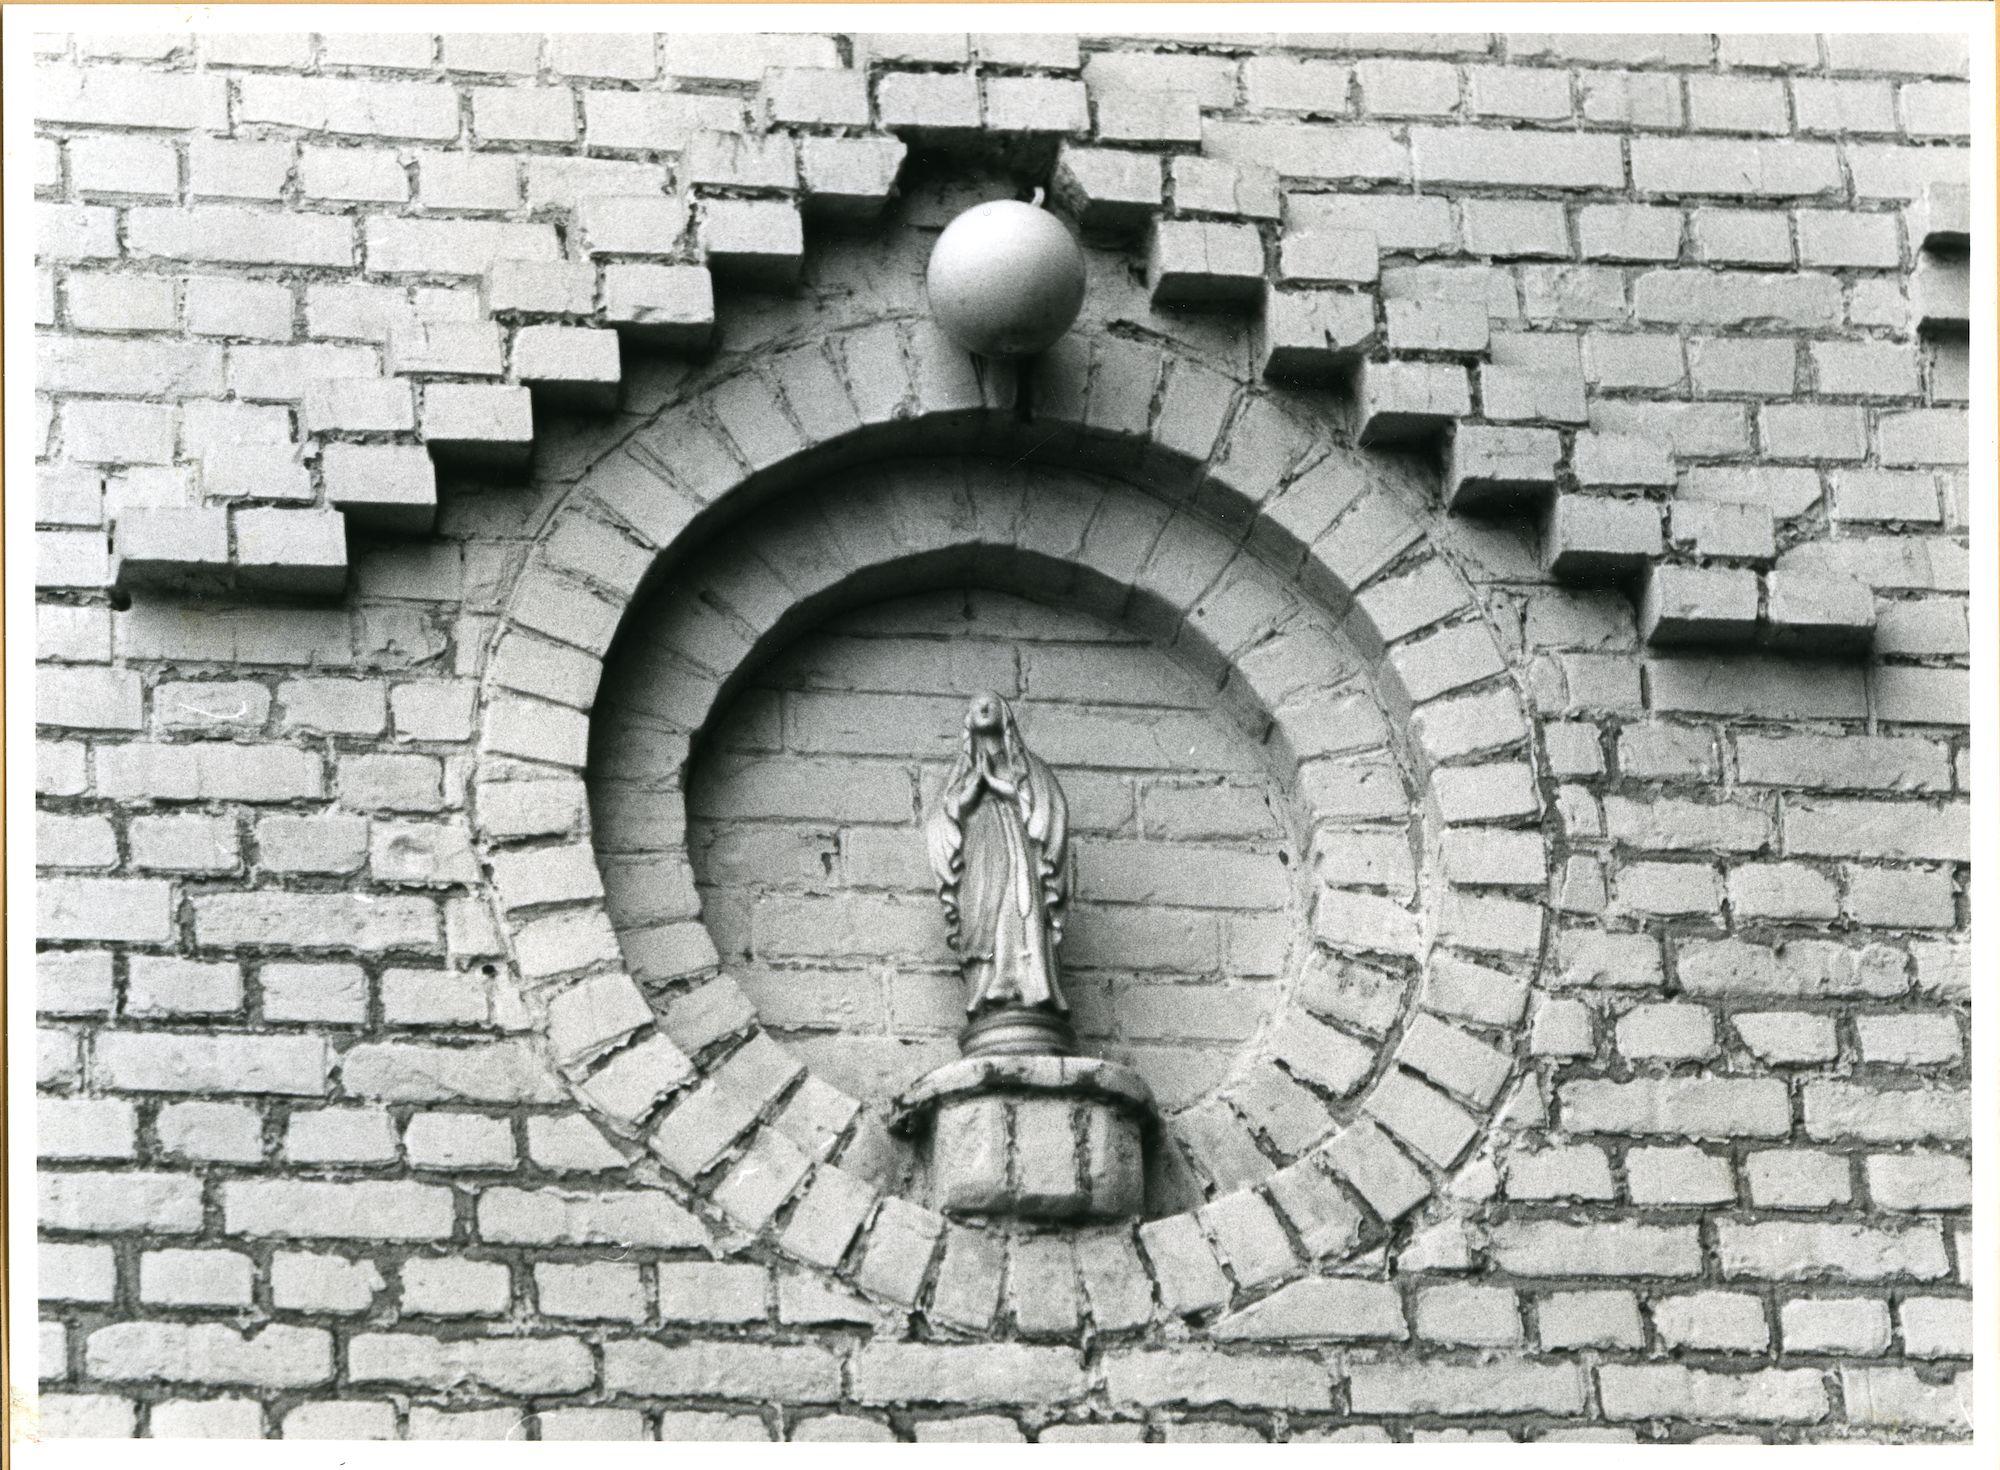 Sint-Amandsberg: Peter Benoitstraat 4: Beeld, 1979